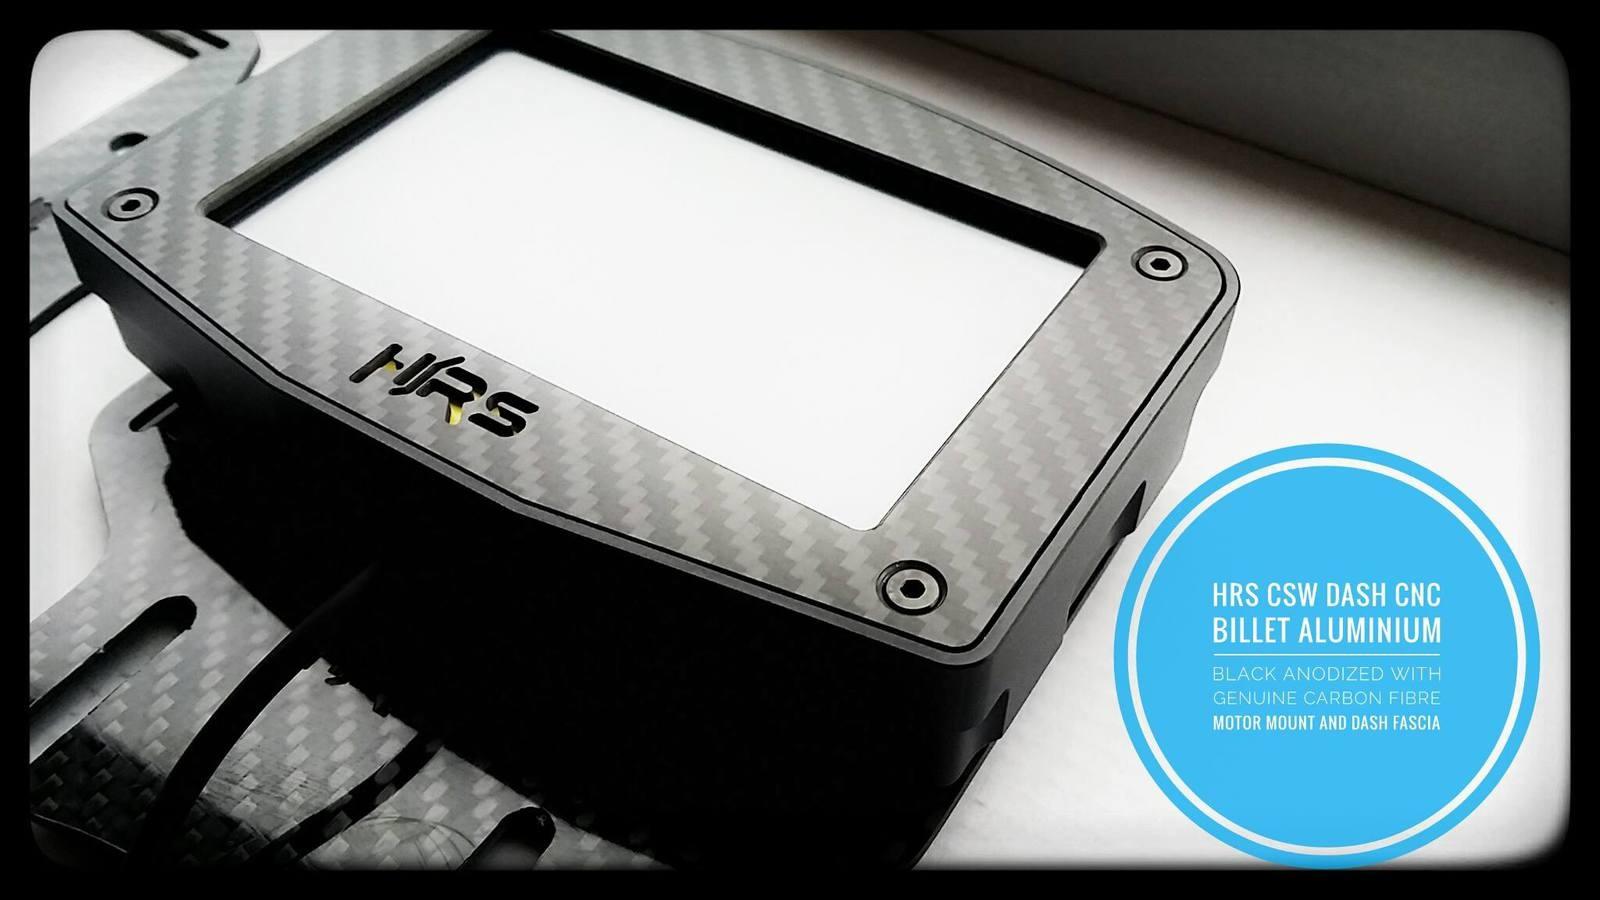 Un nouvel afficheur à venir chez Hybrid Racing Simulations